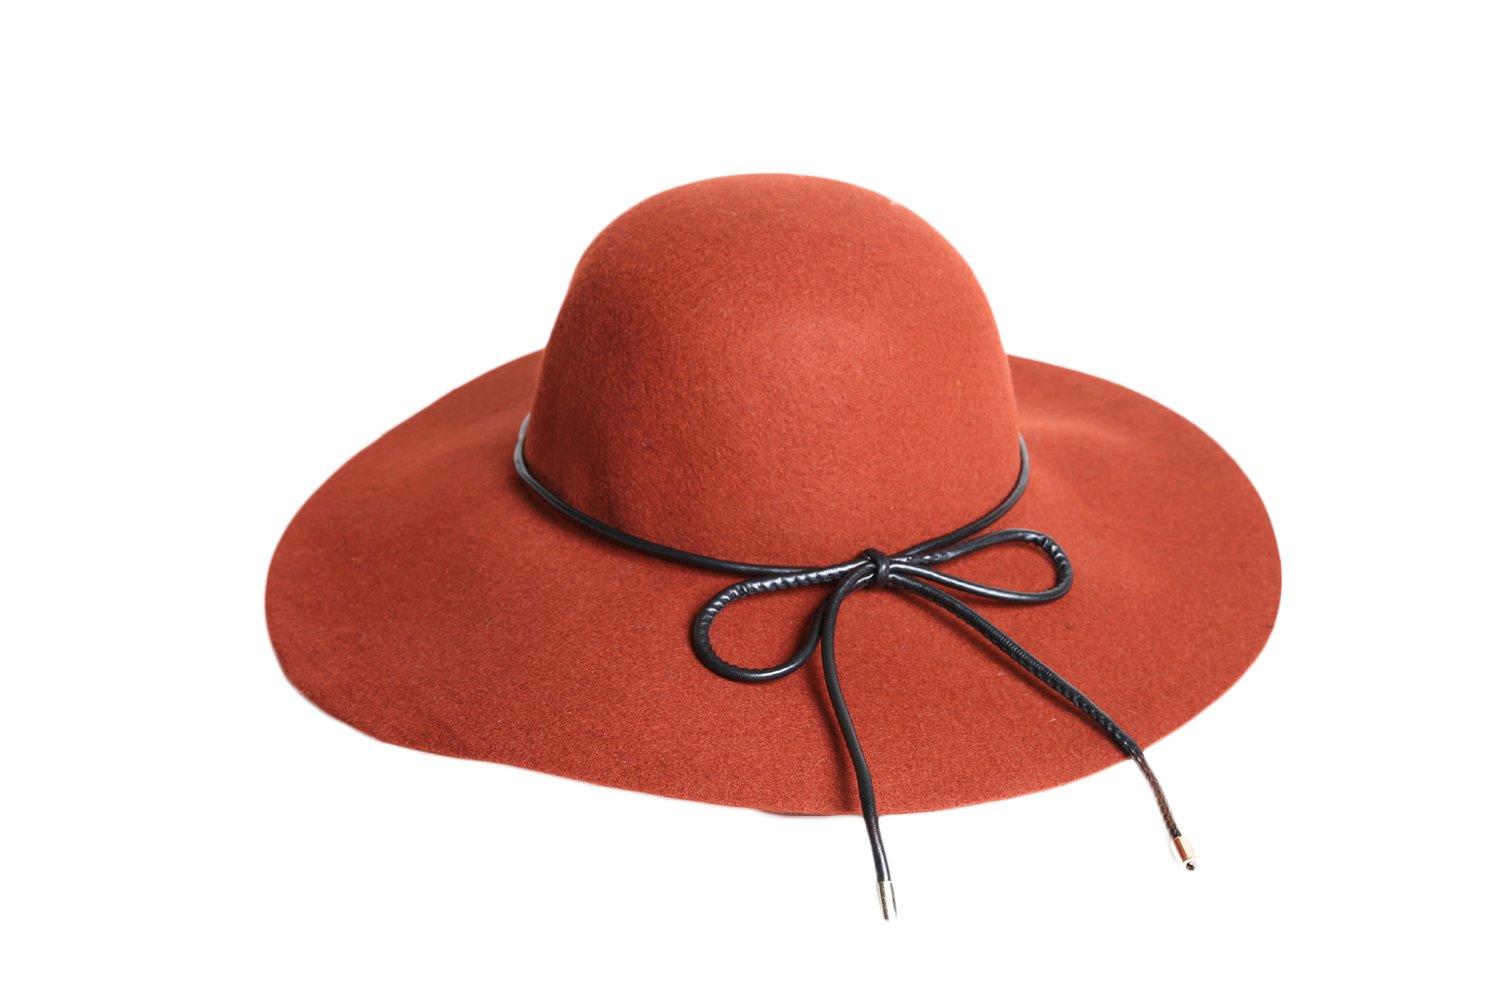 Liveinu Women's Wool Felt Hat Wide Brim Floppy Fedora Hat With Bowknot Orange by Liveinu (Image #1)